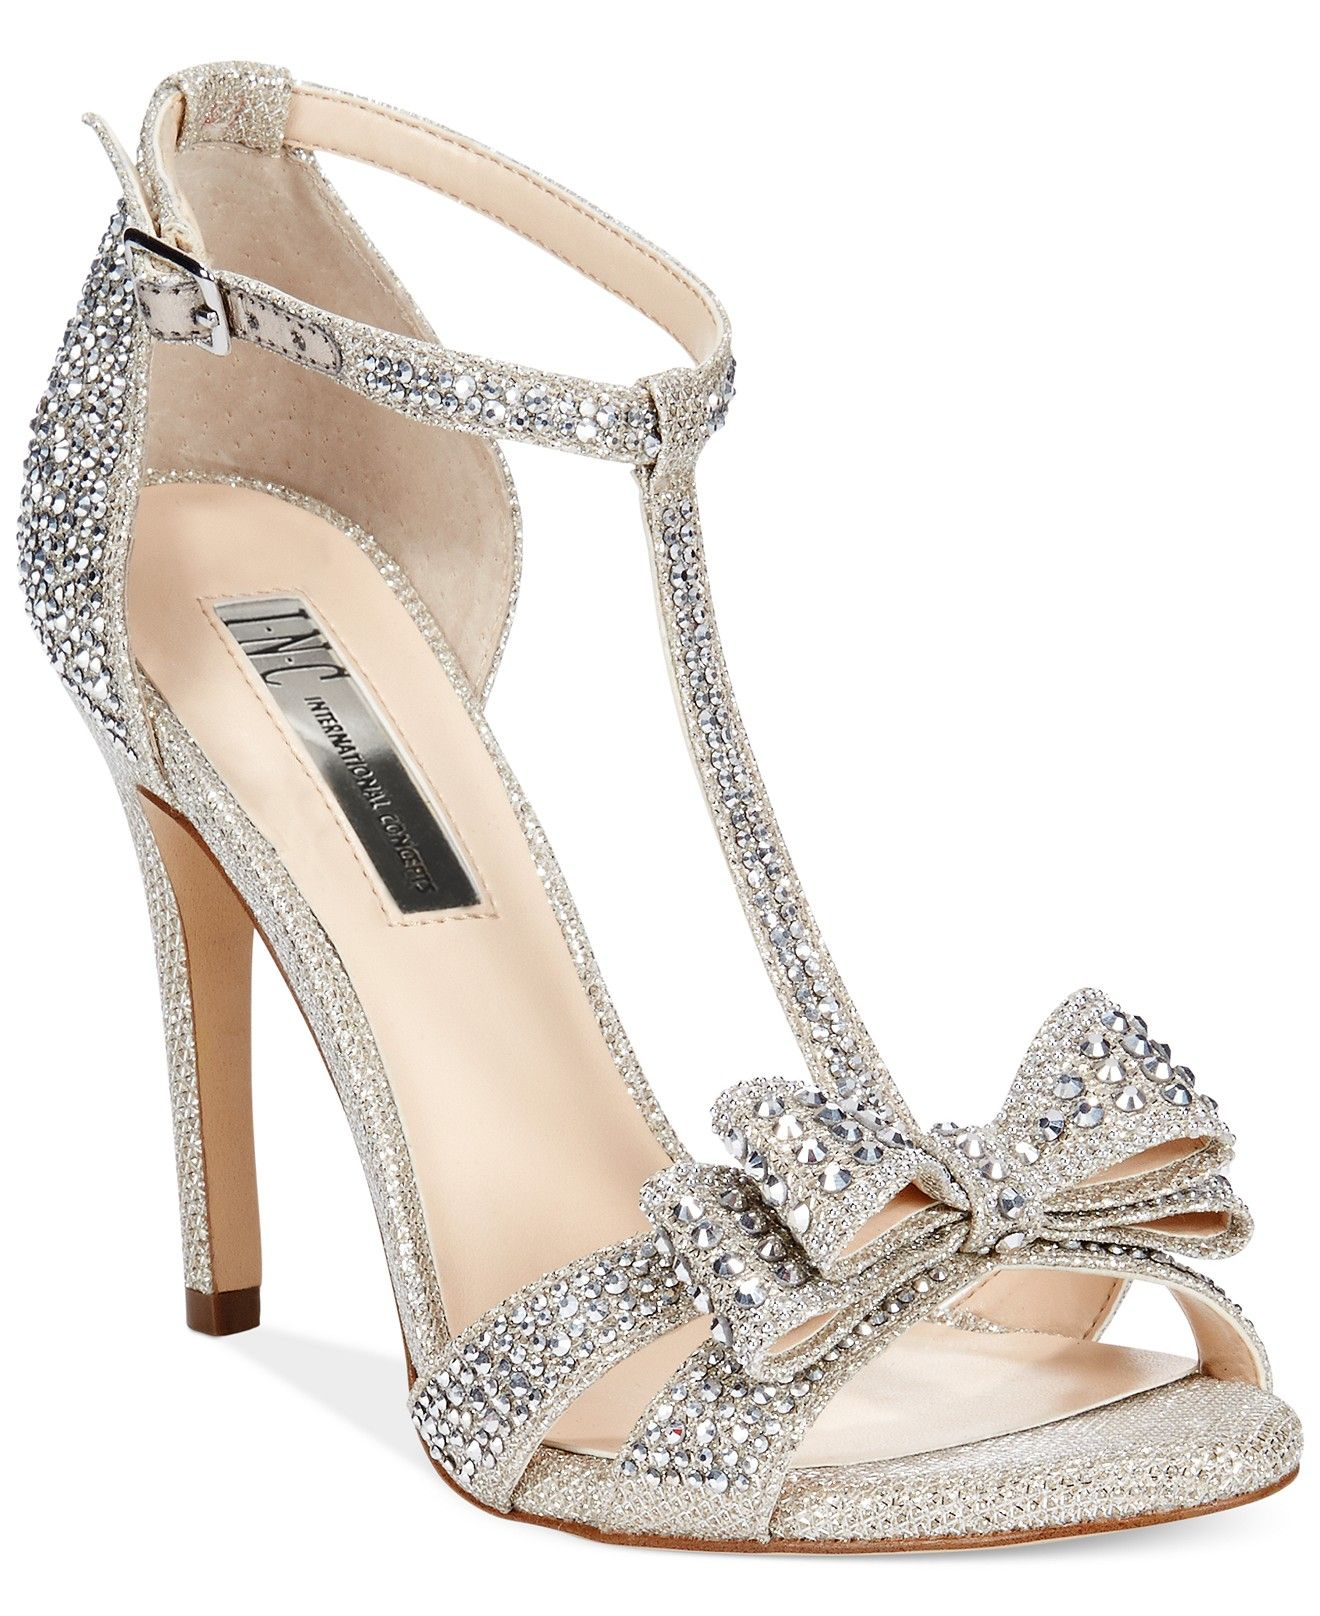 9b10102b8f028 INC International Concepts Women s Reesie2 High Heel Evening Sandals -  Sandals - Shoes - Macy s